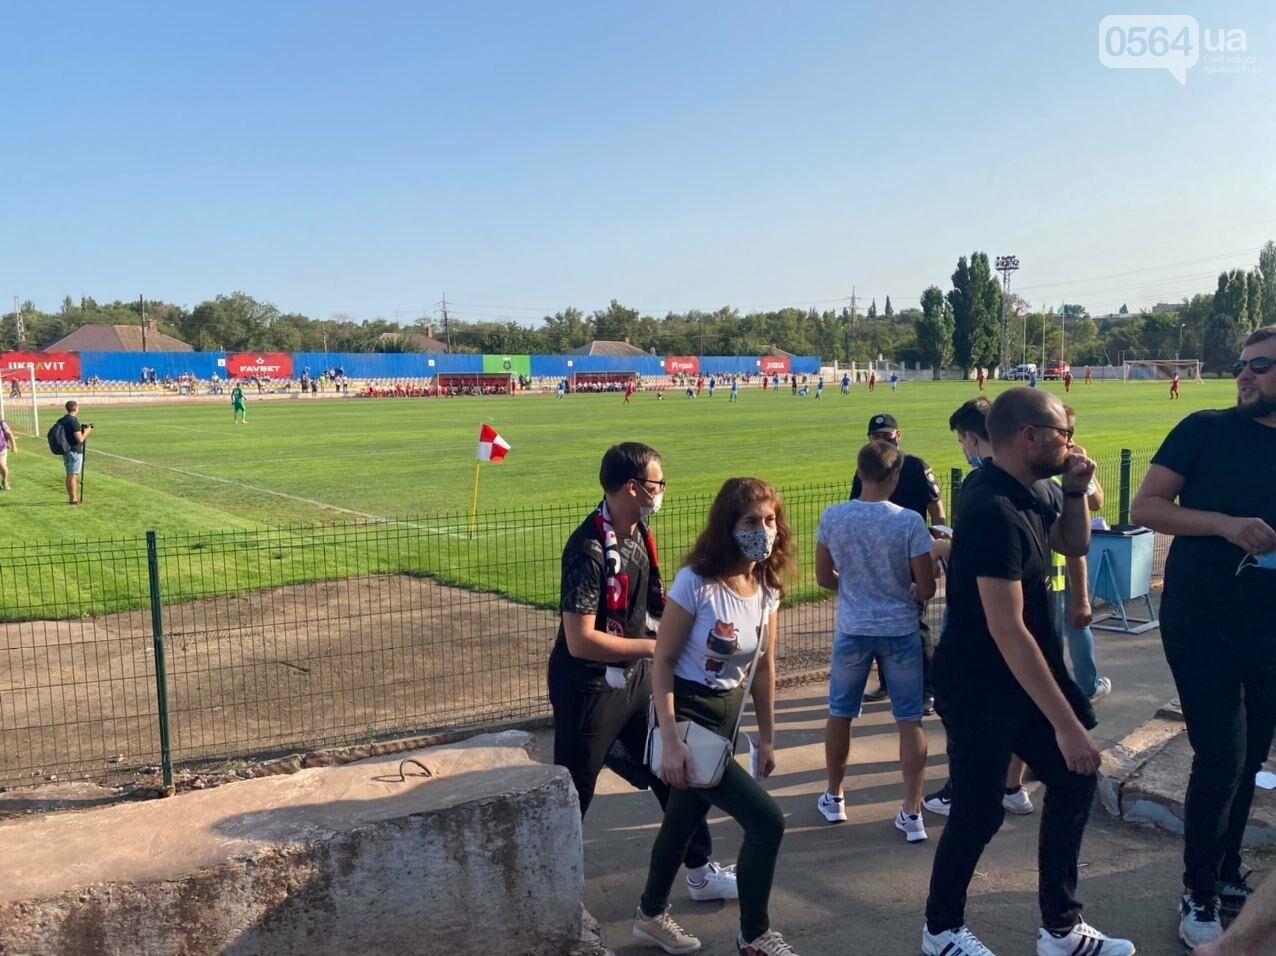 В Кривом Роге начался матч между ФК «Кривбасс» и ФК «Таврия»,  - ФОТО, ВИДЕО, фото-6